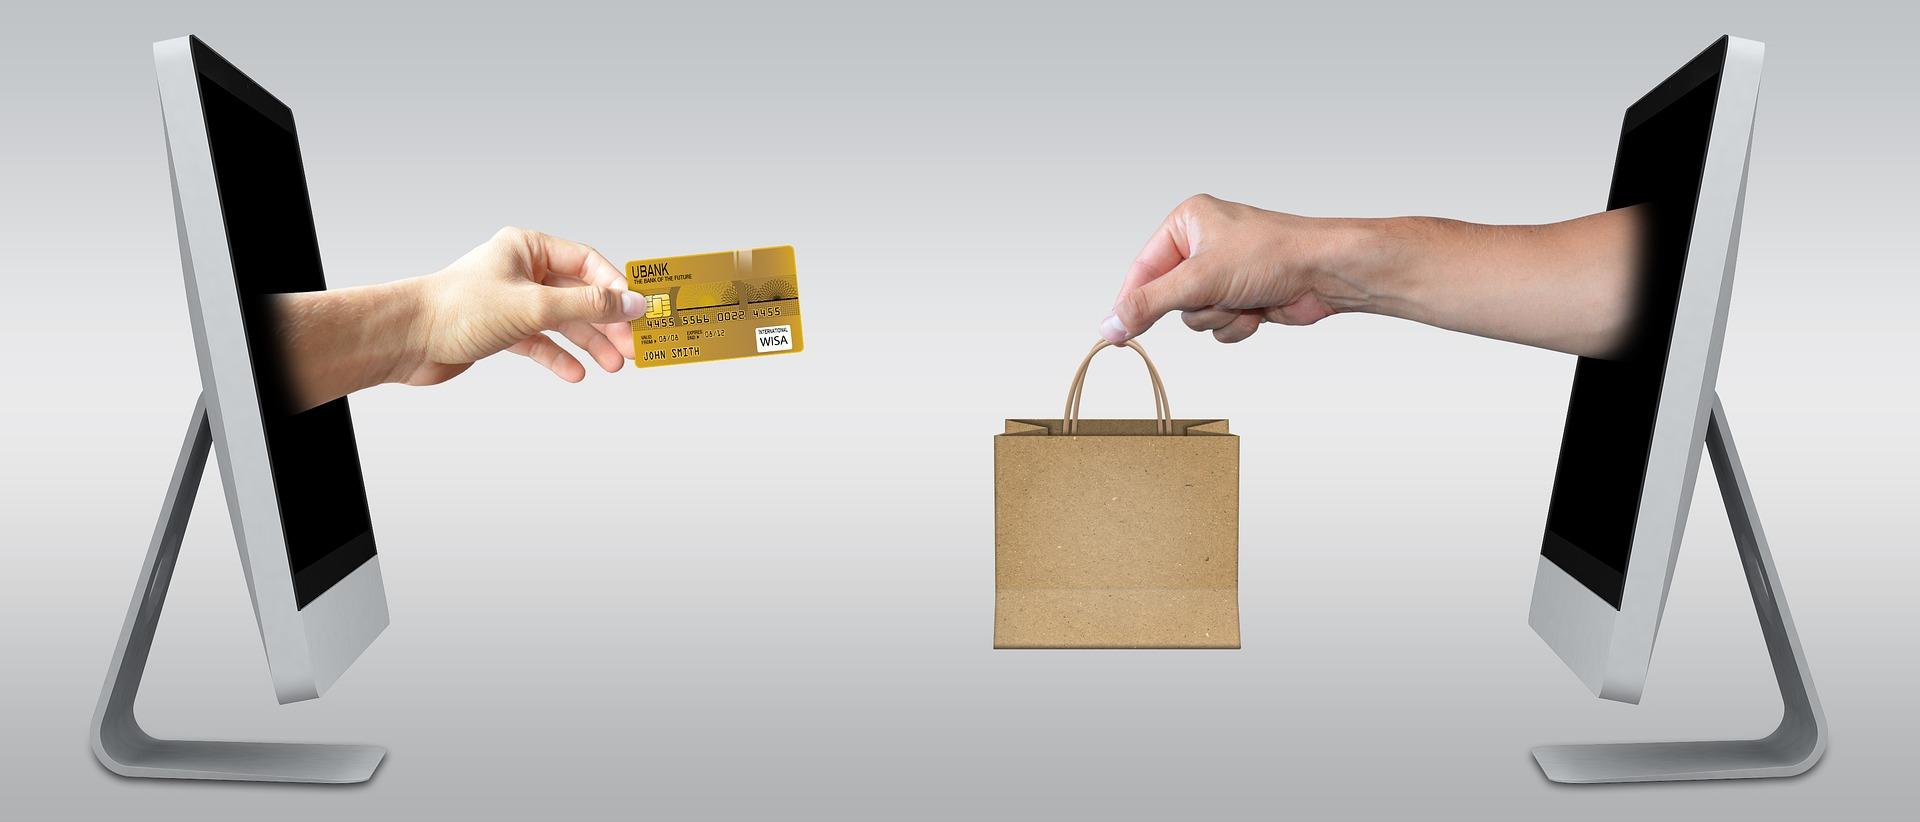 Наши менеджеры делают покупки под ваши требования